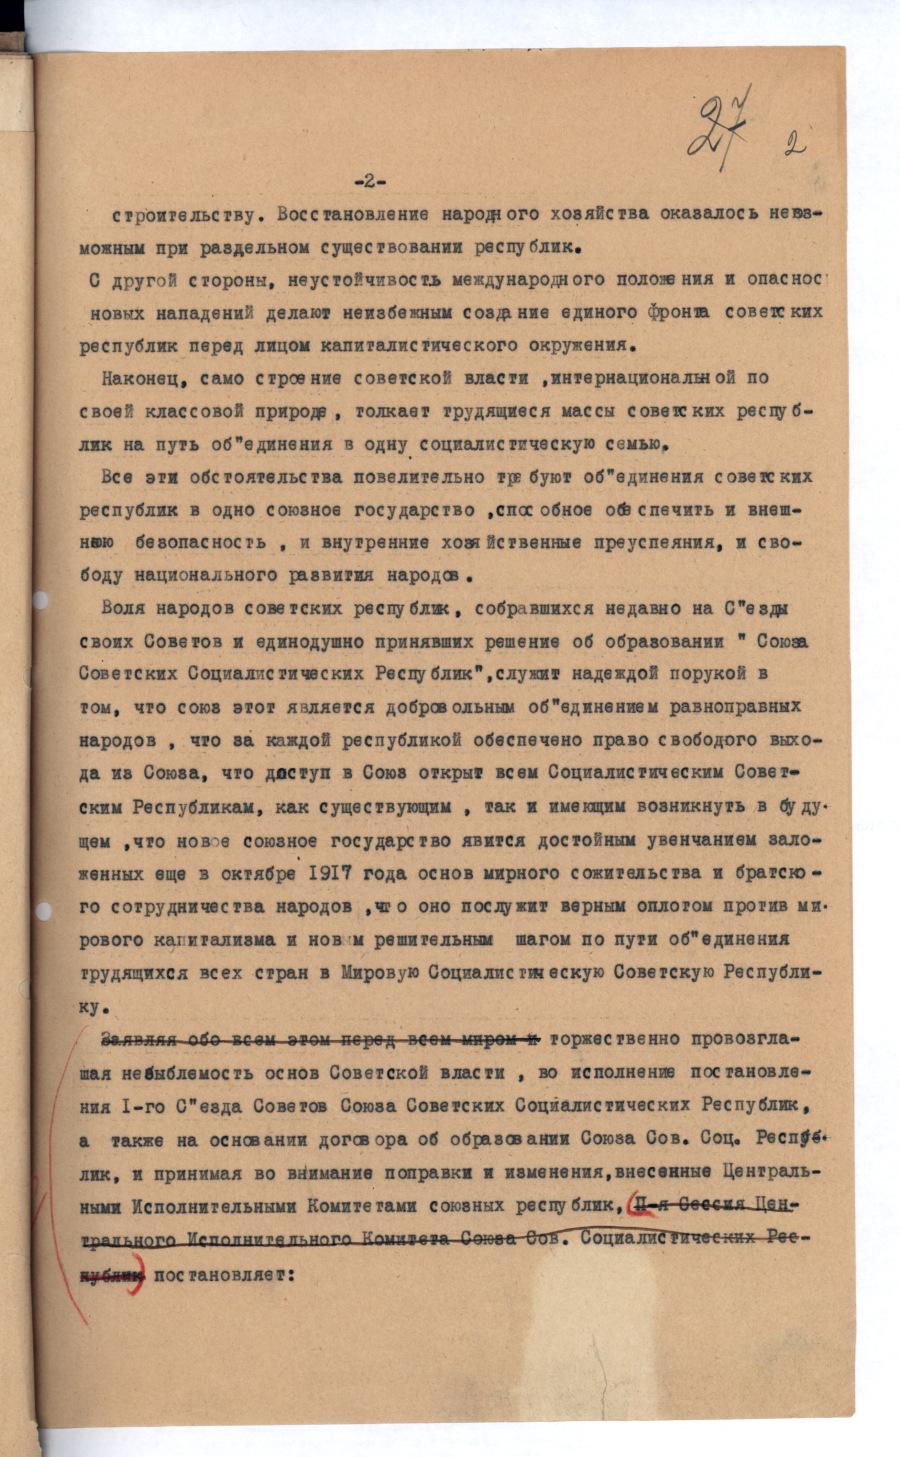 Проект основного закона (Конституции) Союза СССР 1924 года. 2 стр